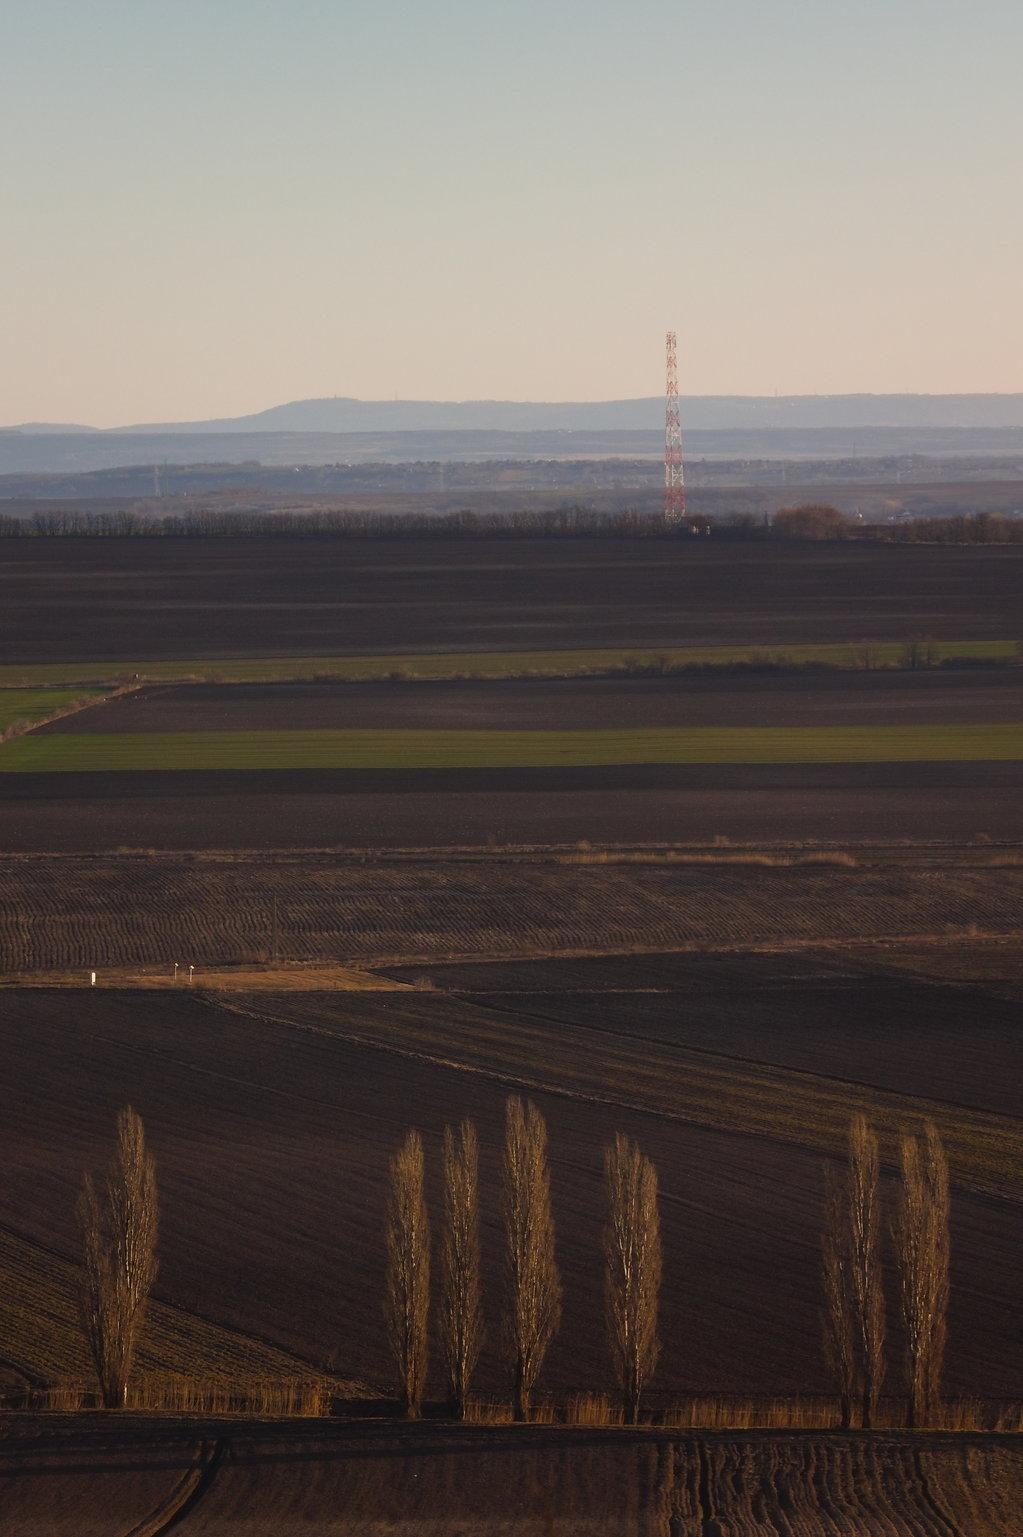 Közeli és távoli magas dolgok - ezek a tornyok a pár évvel ezelőtti hőlégballonos képeken is szerepeltek